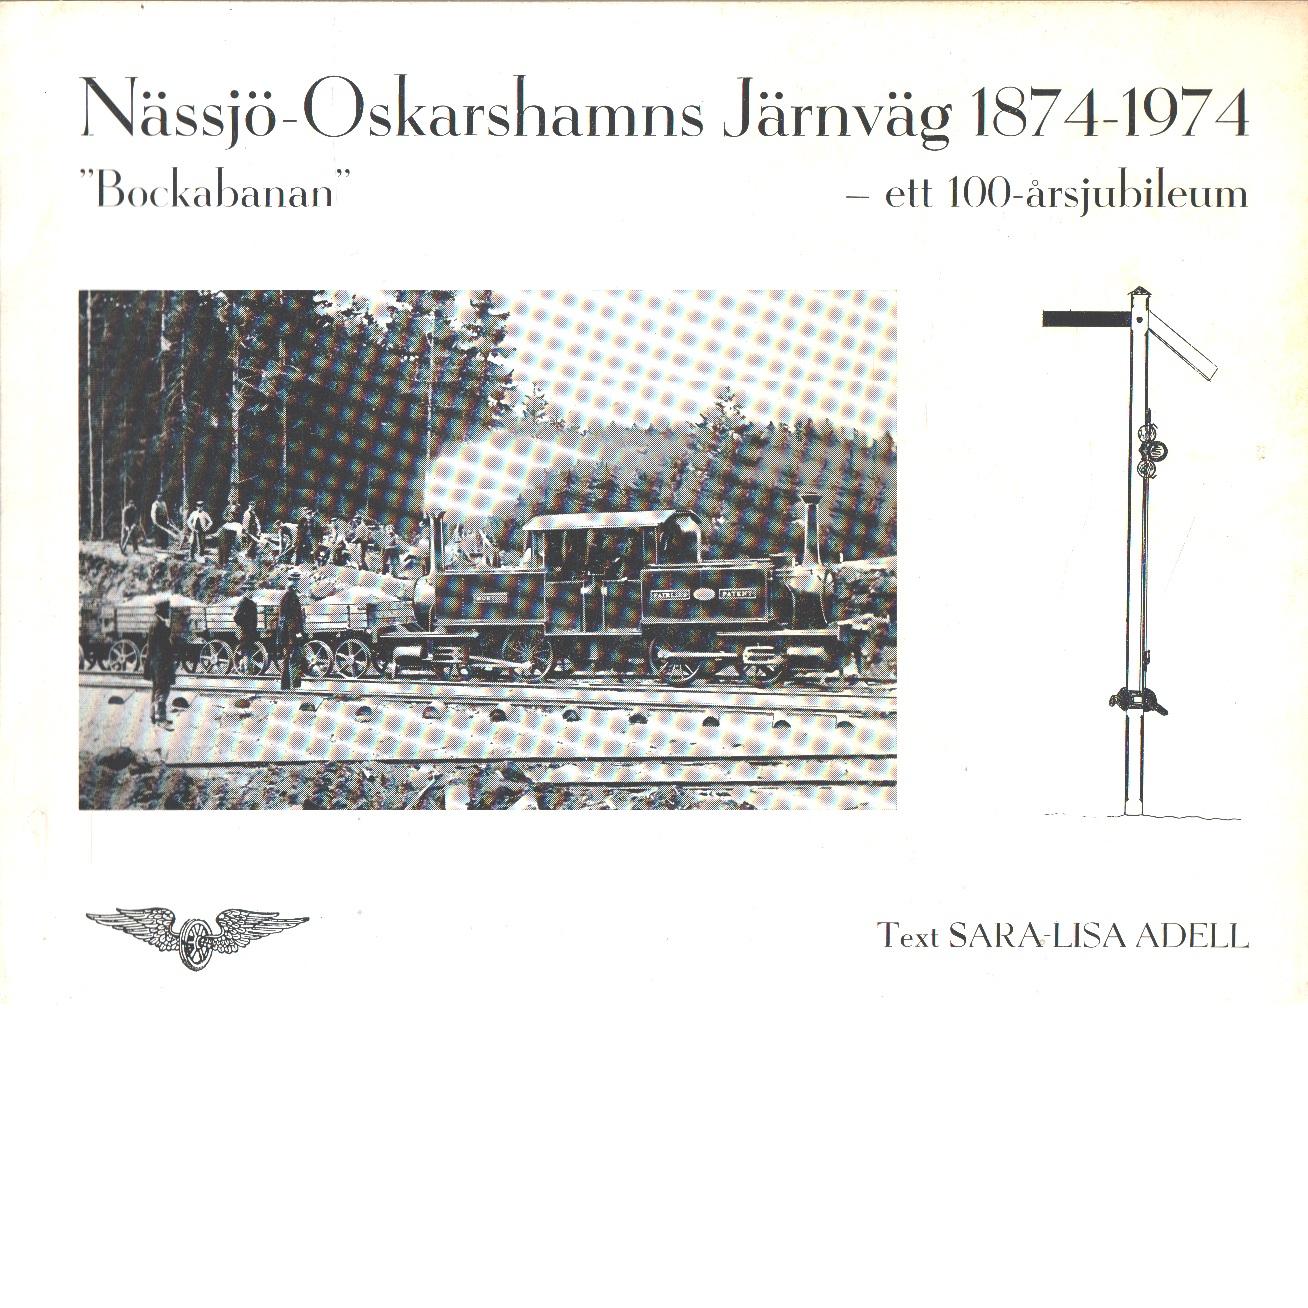 """Nässjö-Oskarshamns järnväg 1874-1974 : """"bockabanan"""" : ett hundraårsjubileum - Adell, Sara-Lisa"""